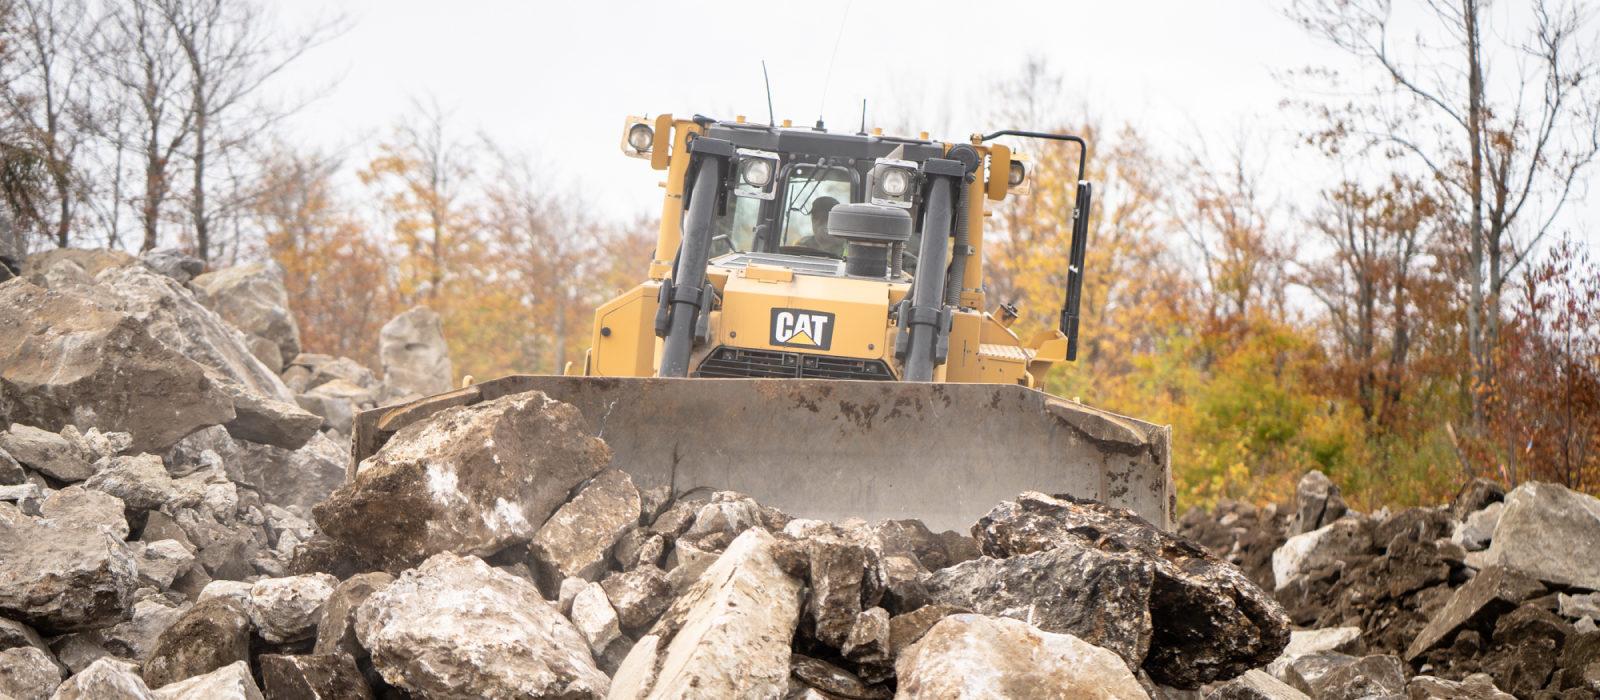 Large Size Of Bulldozers Pushing Large Size Rocks